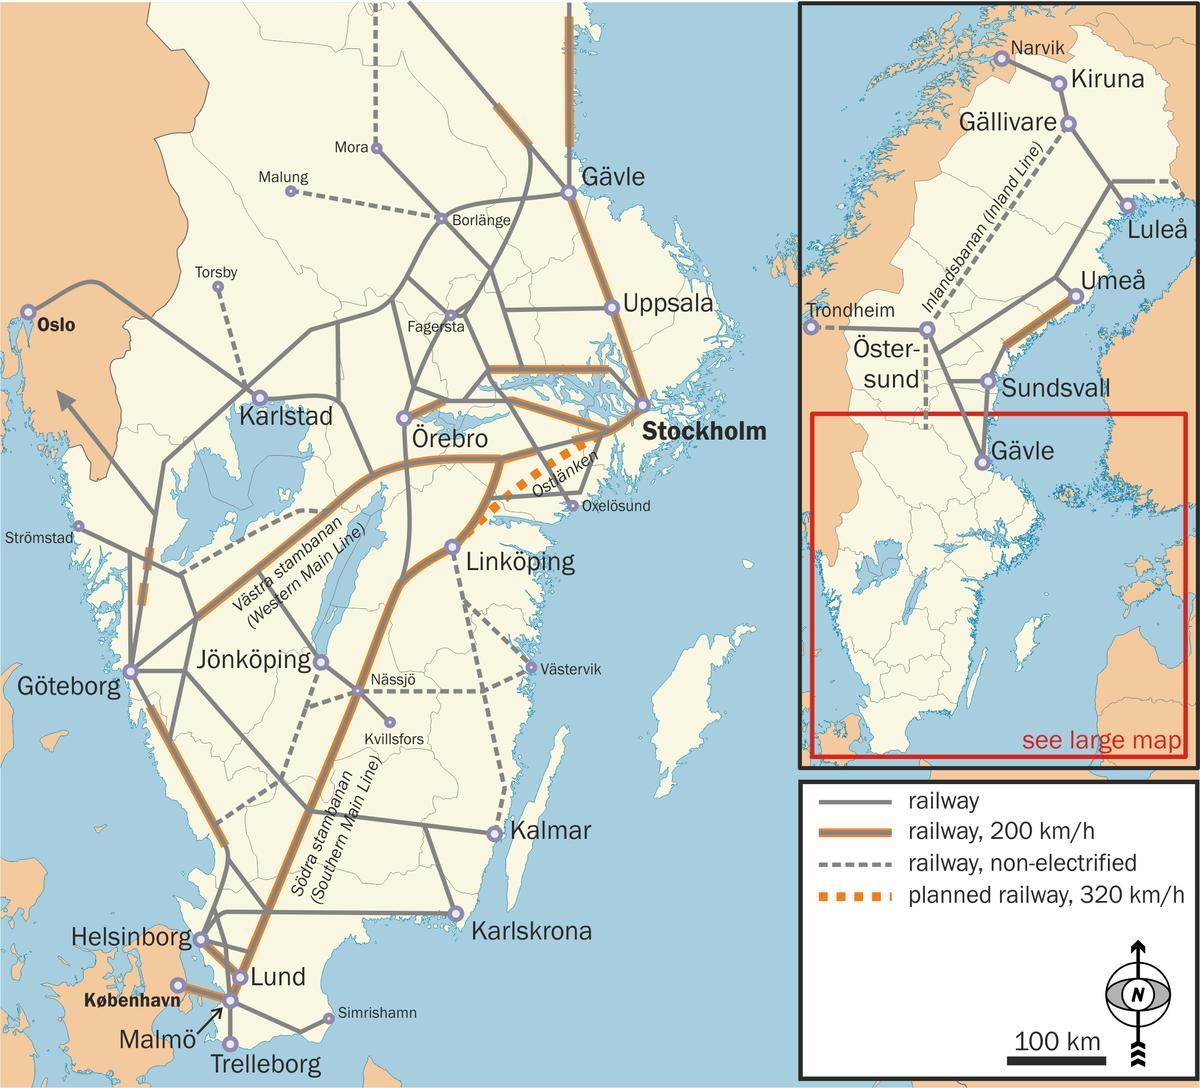 jernbane sverige kart Svensk jernbane kart   svensk tog kart (Nord Europa   Europa) jernbane sverige kart